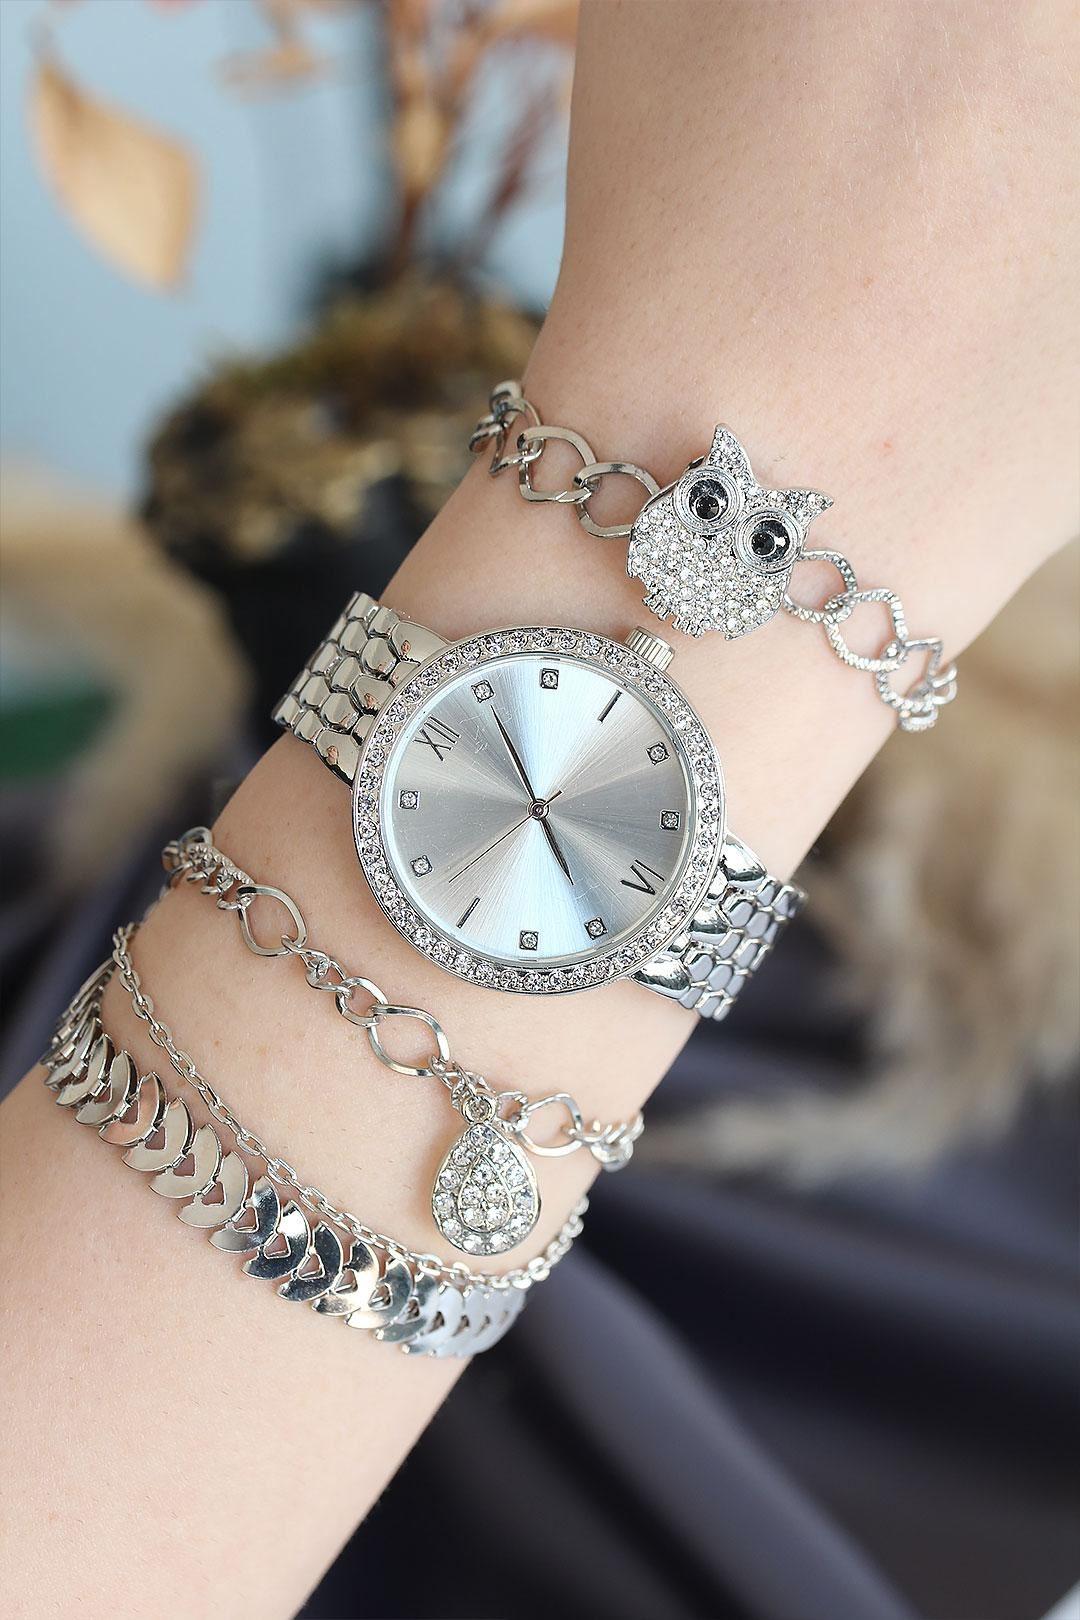 Roma Rakamlı Gümüş Renk Metal Taşlı Kasa Kadın Saat ve Bileklik Kombini